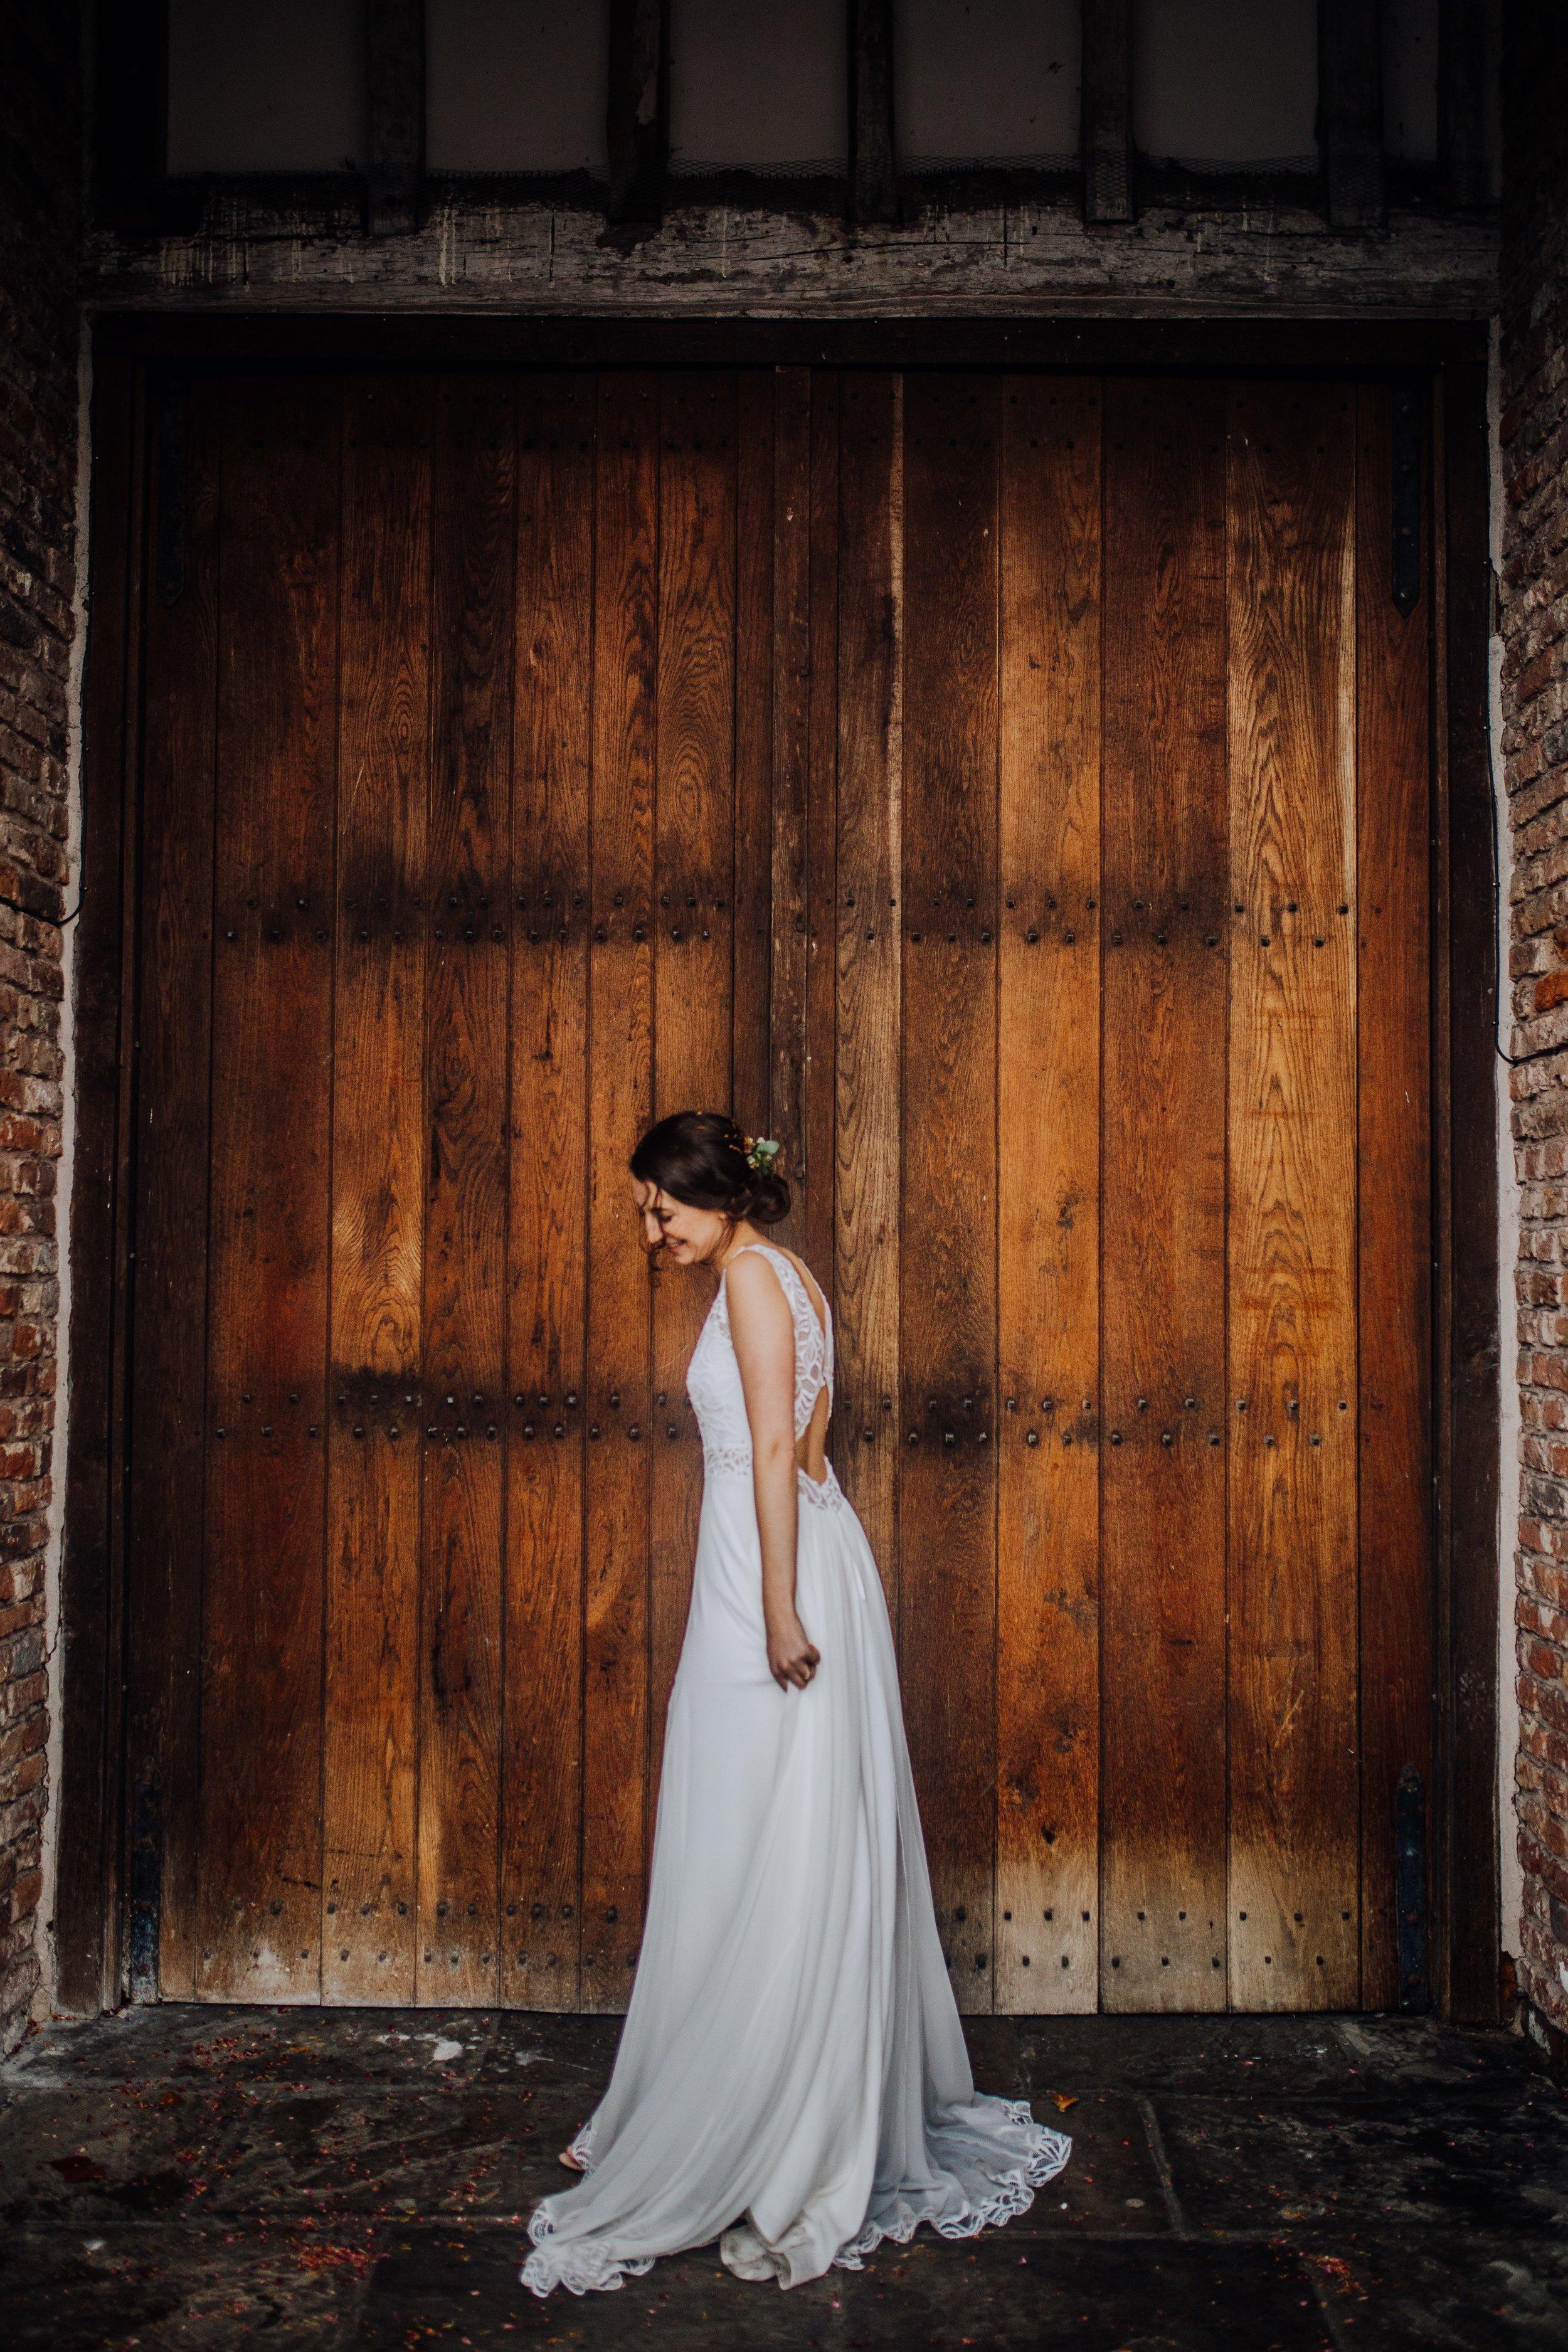 A rainy barn wedding at Meols Hall - Southport